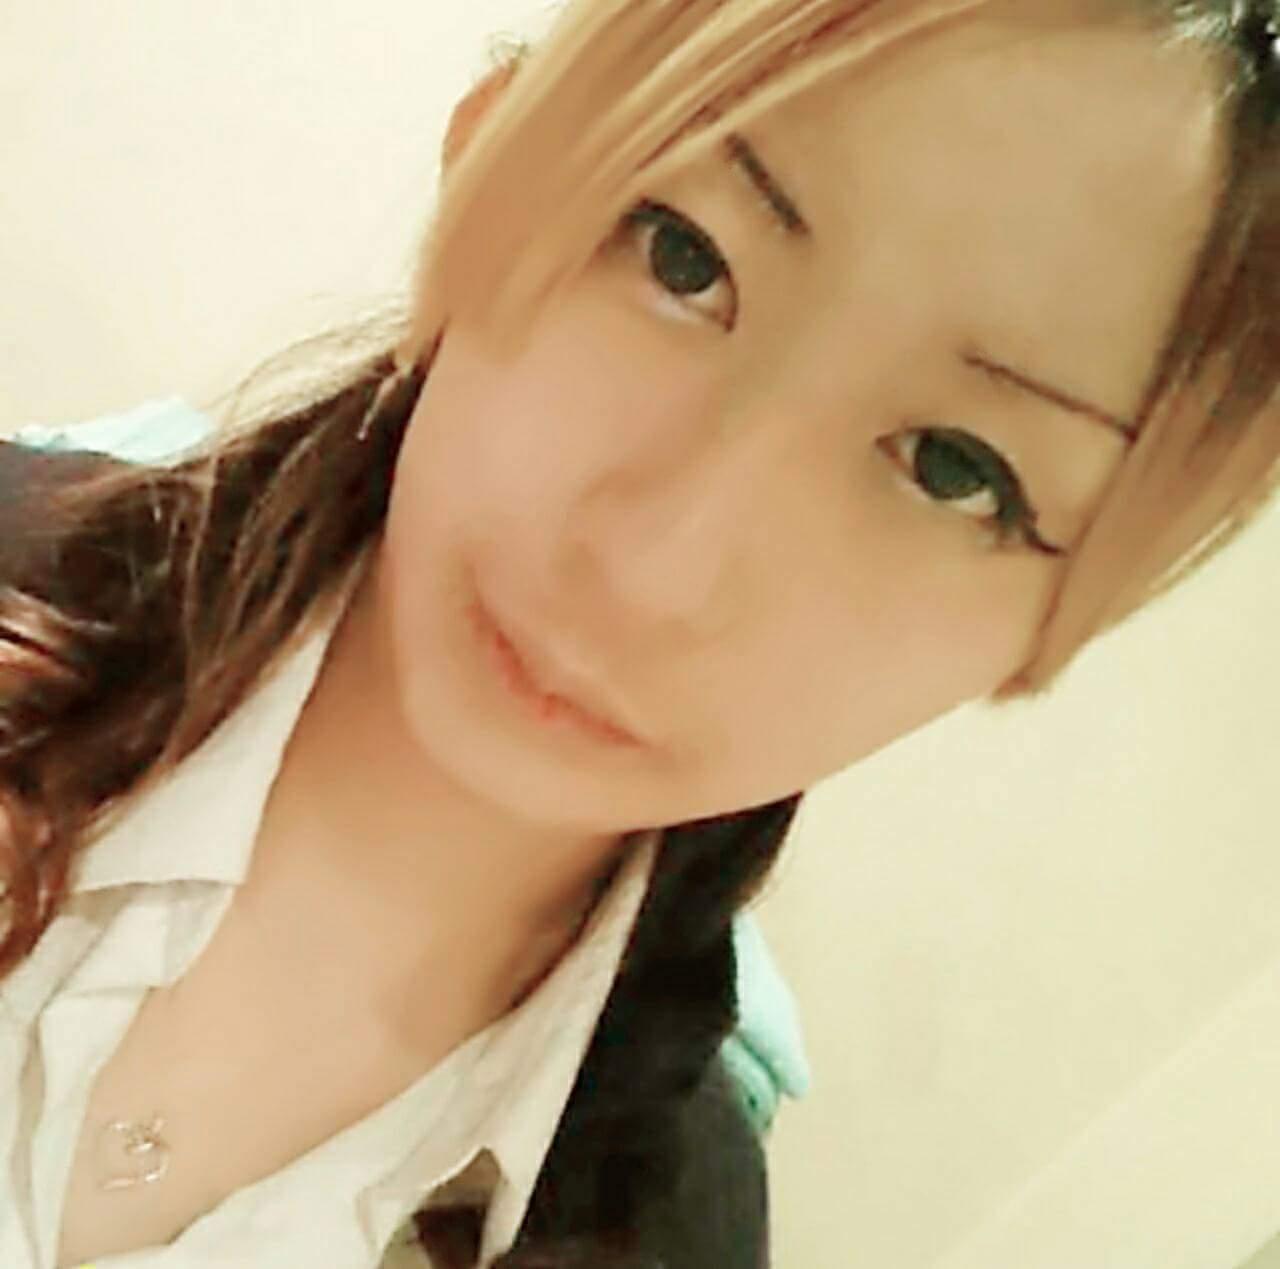 「おはよう!」01/18(木) 10:22   椿の写メ・風俗動画